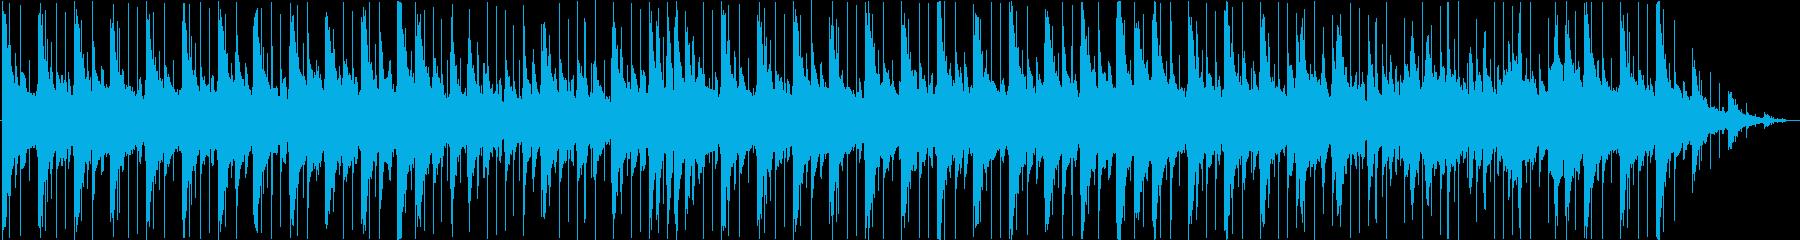 雨降りの憂鬱なバラード曲/ピアノの再生済みの波形